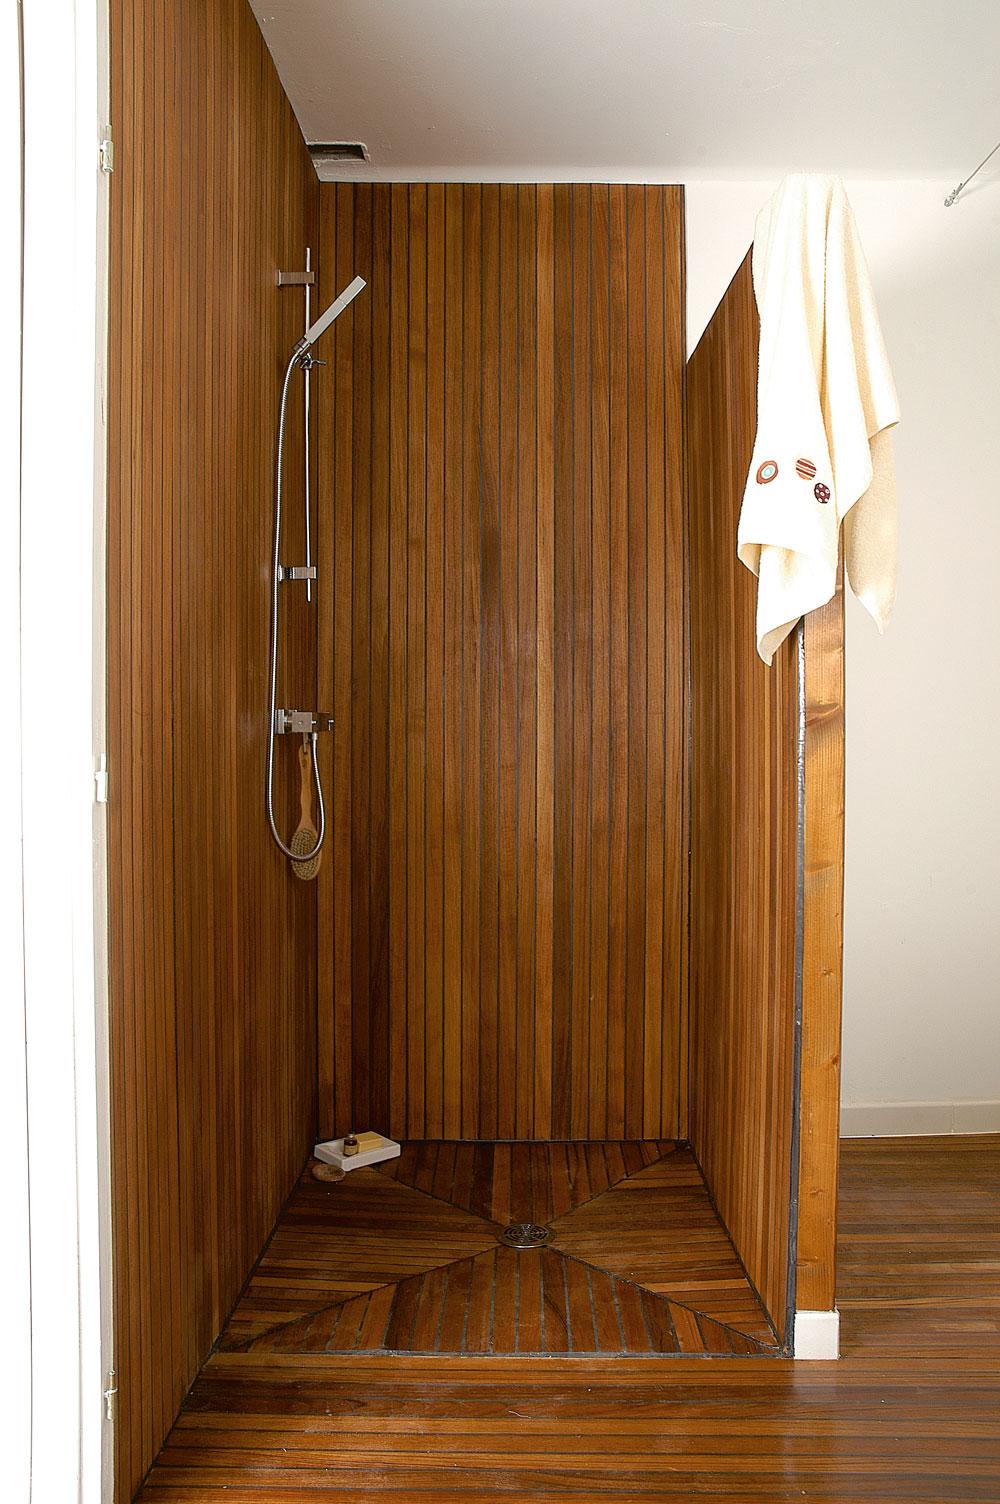 Douche l 39 italienne dans une salle de bains en teck bricolage avec robert - Sortie de douche en bois ...